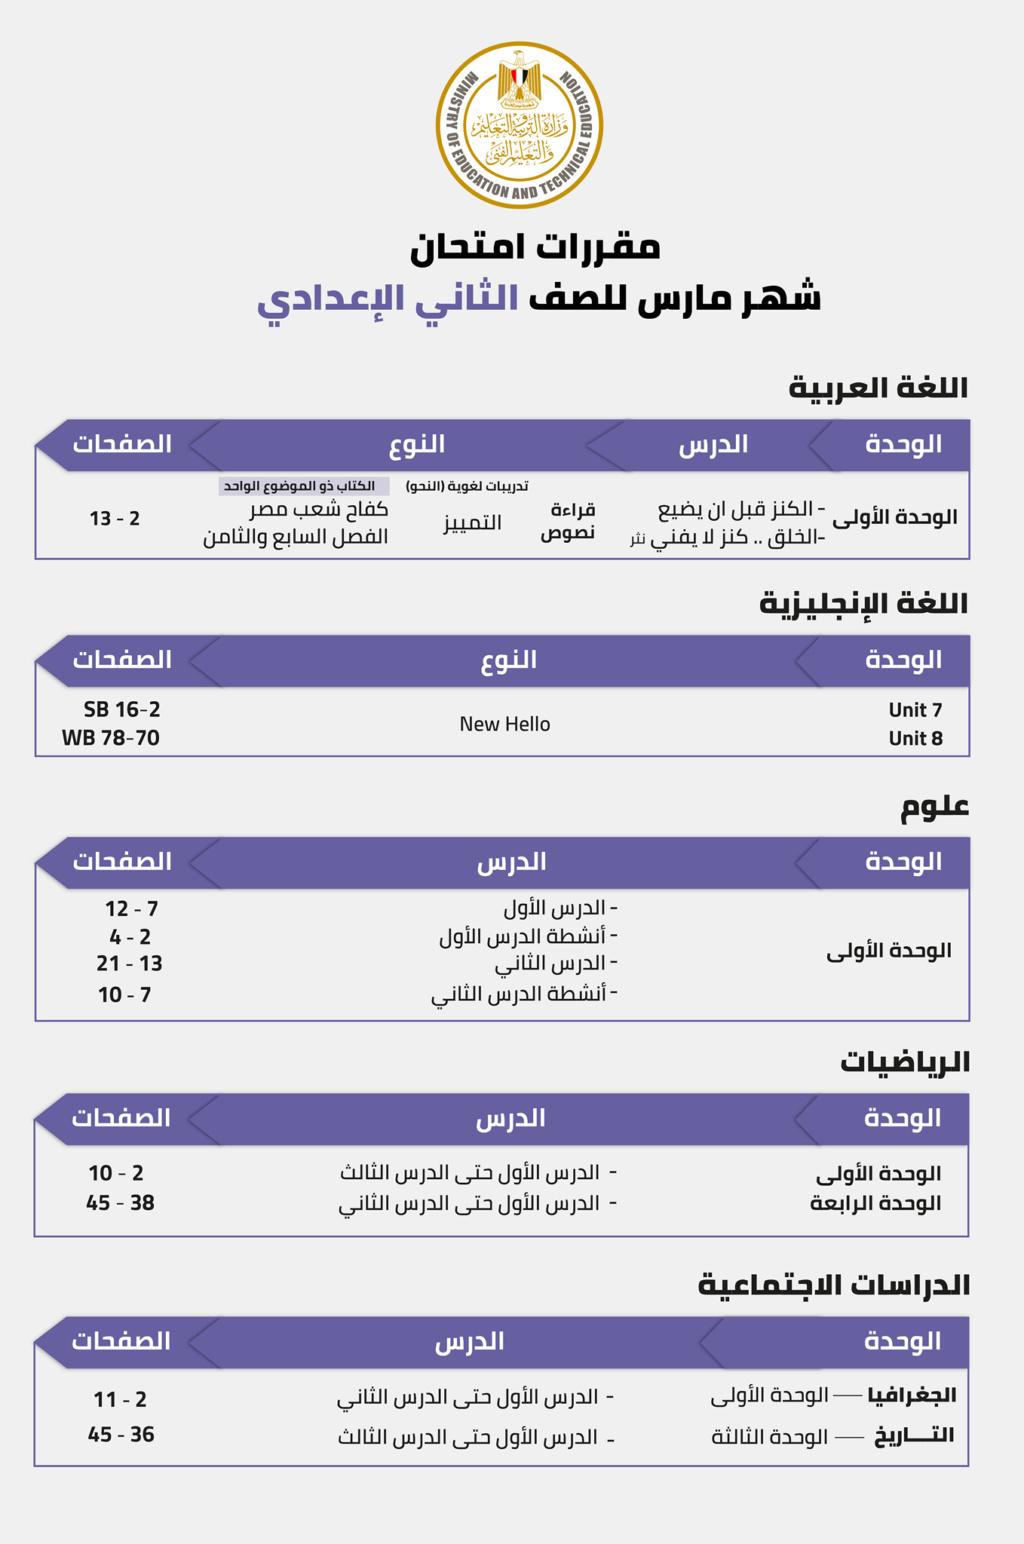 مقررات امتحان شهر مارس للصفوف من الرابع الابتدائي الى الثاني الاعدادي 833